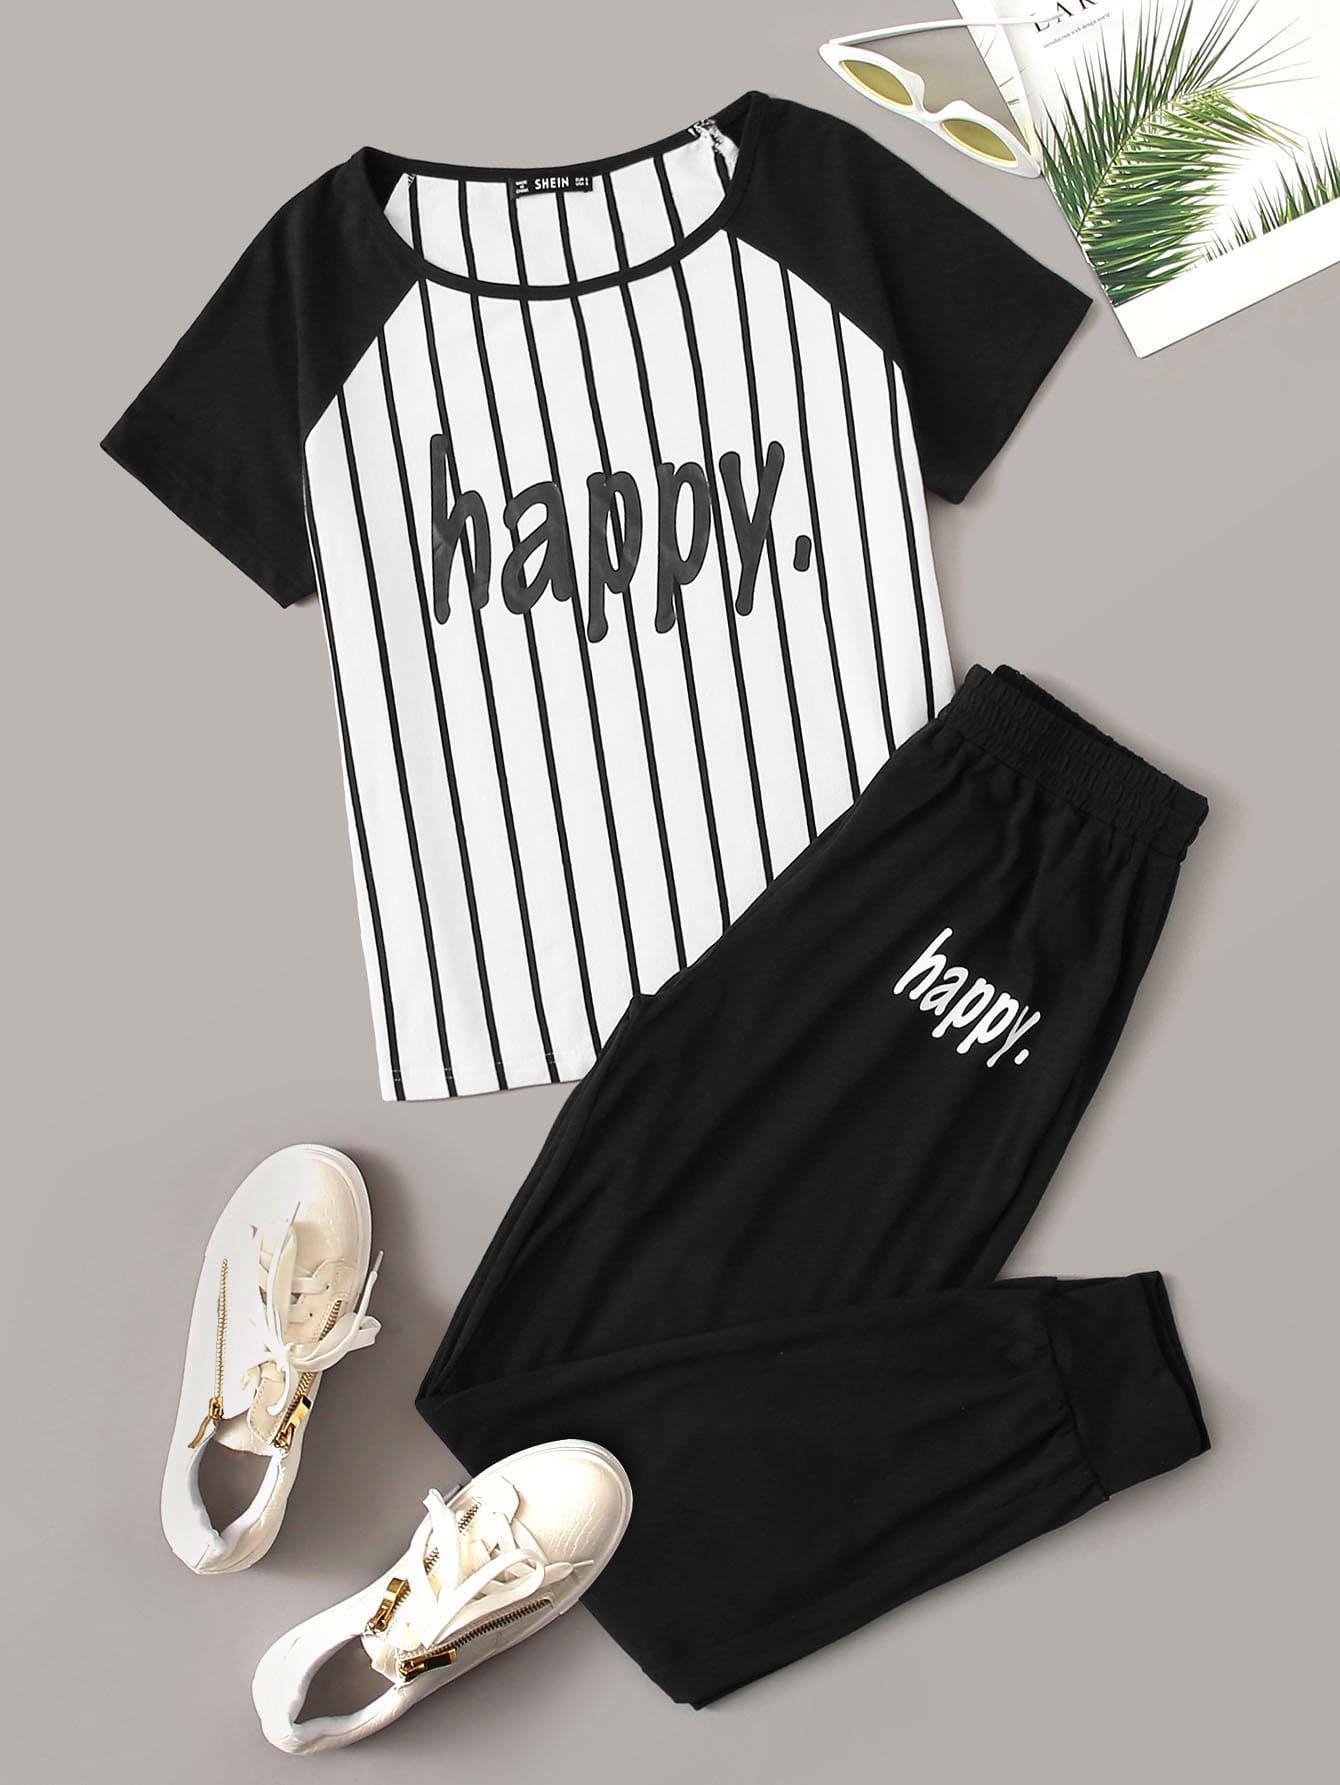 Фото 9 - Брюки и футболка в полоску с текстовым принтом от SheIn цвет чёрнобелые